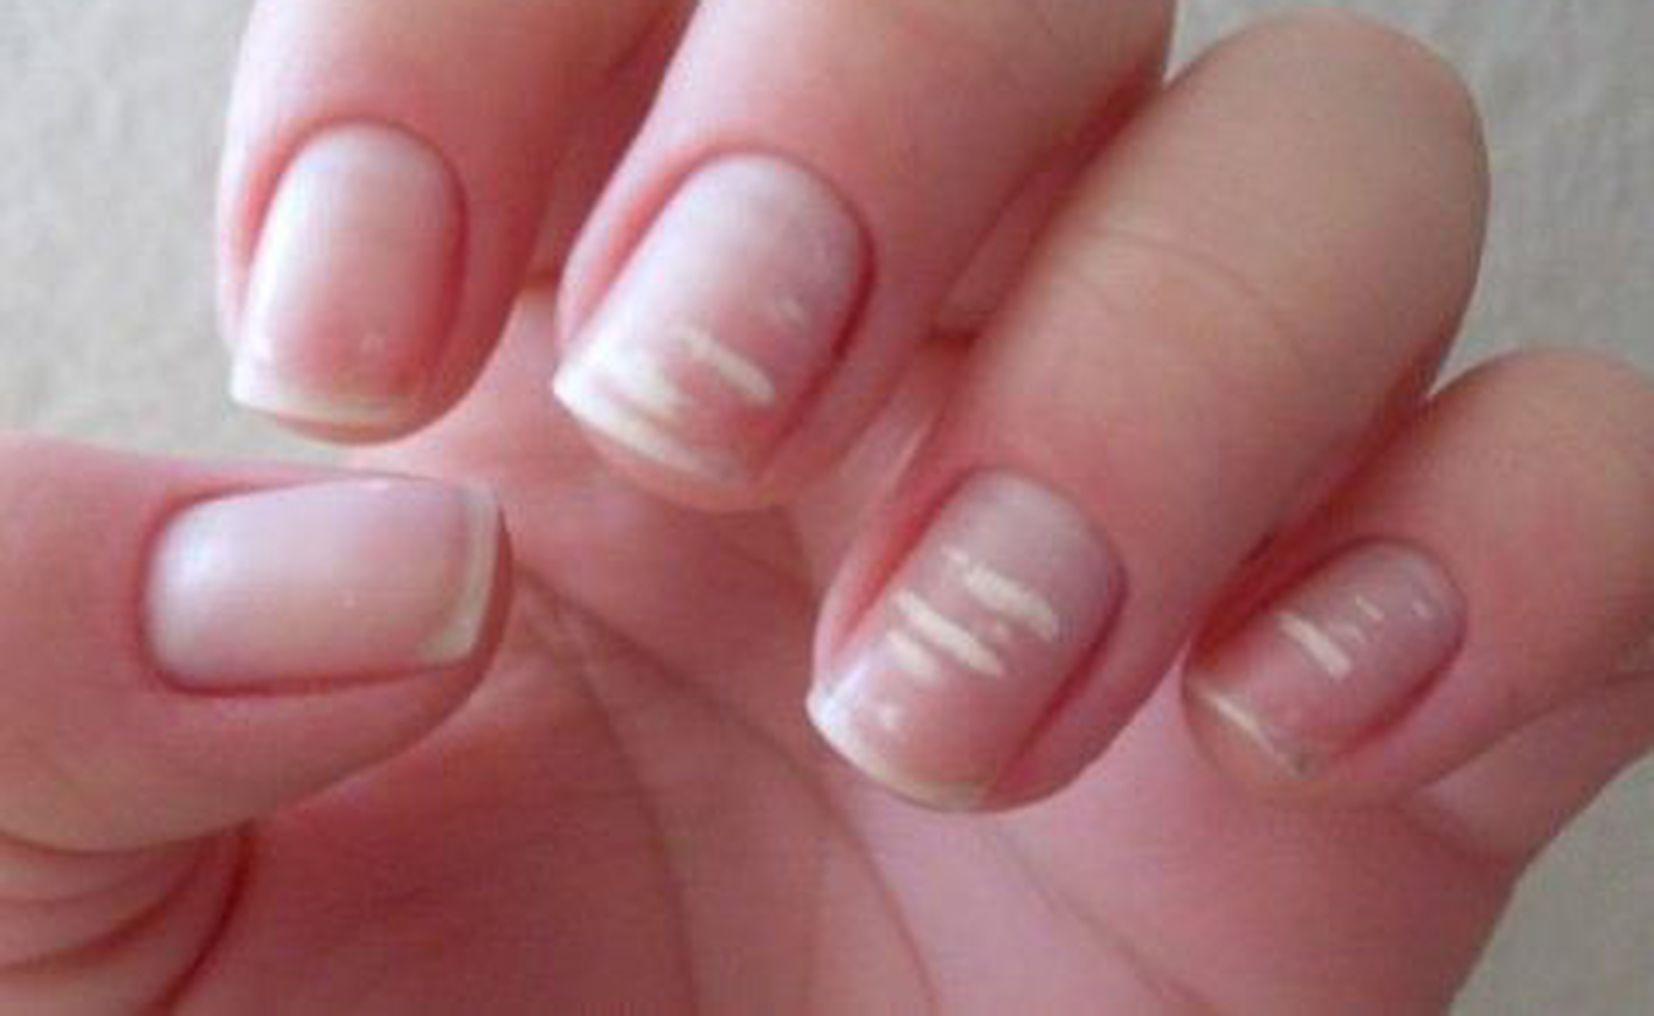 manchas blancas en las manos